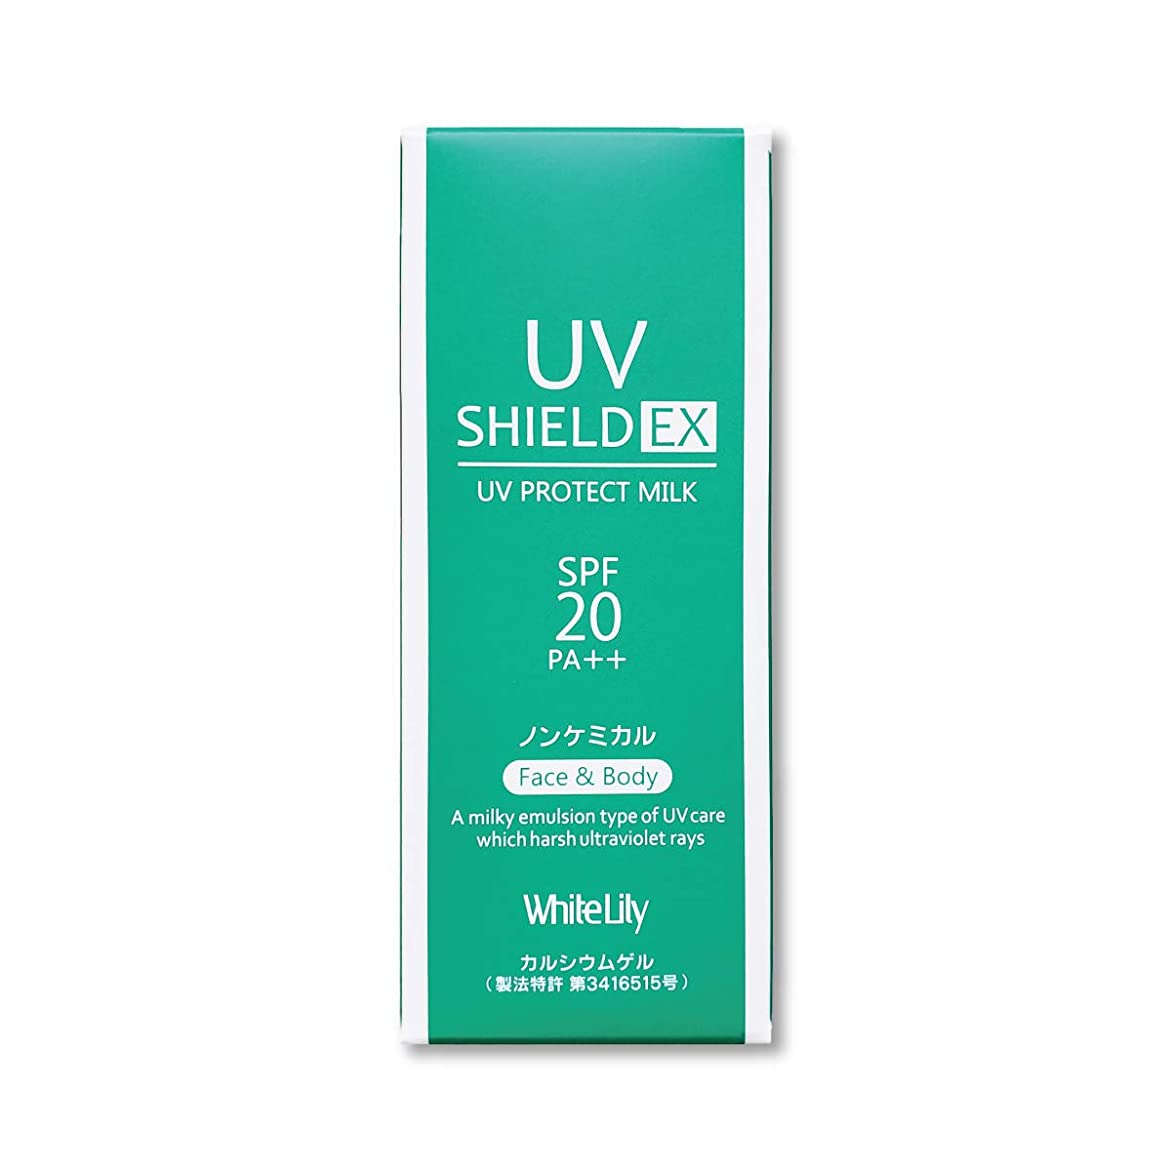 取るに足らない形財布ホワイトリリー UVシールド EX 敏感肌用日焼け止め乳液 SPF20 PA++ 50mL